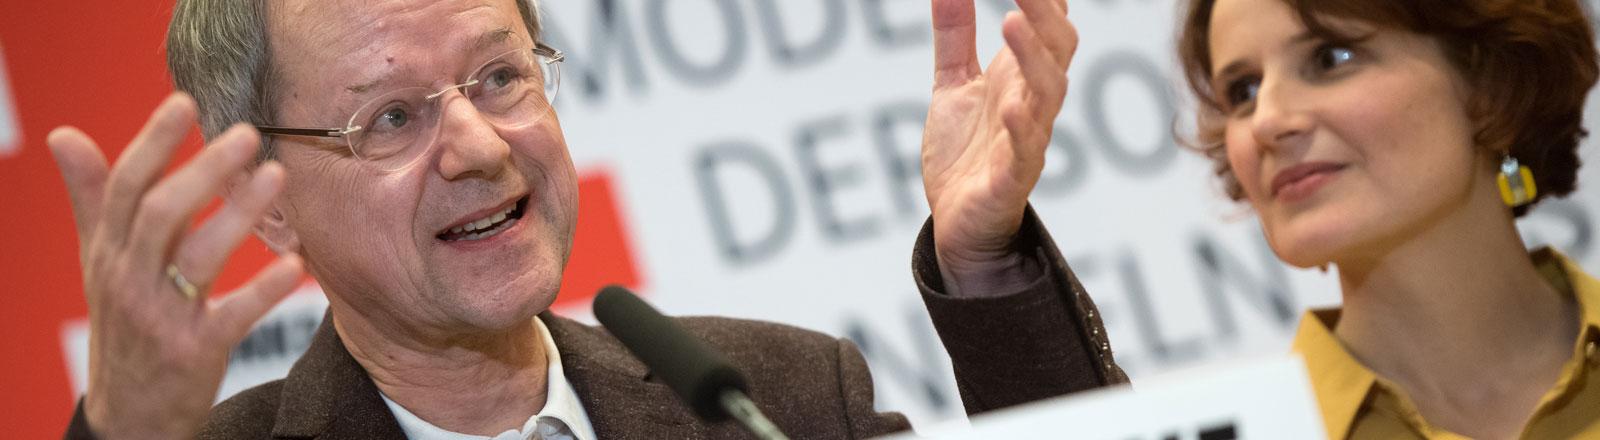 Armutsforscher Christoph Butterwegge als Kandidaten der Linken für die Bundespräsidentenwahl